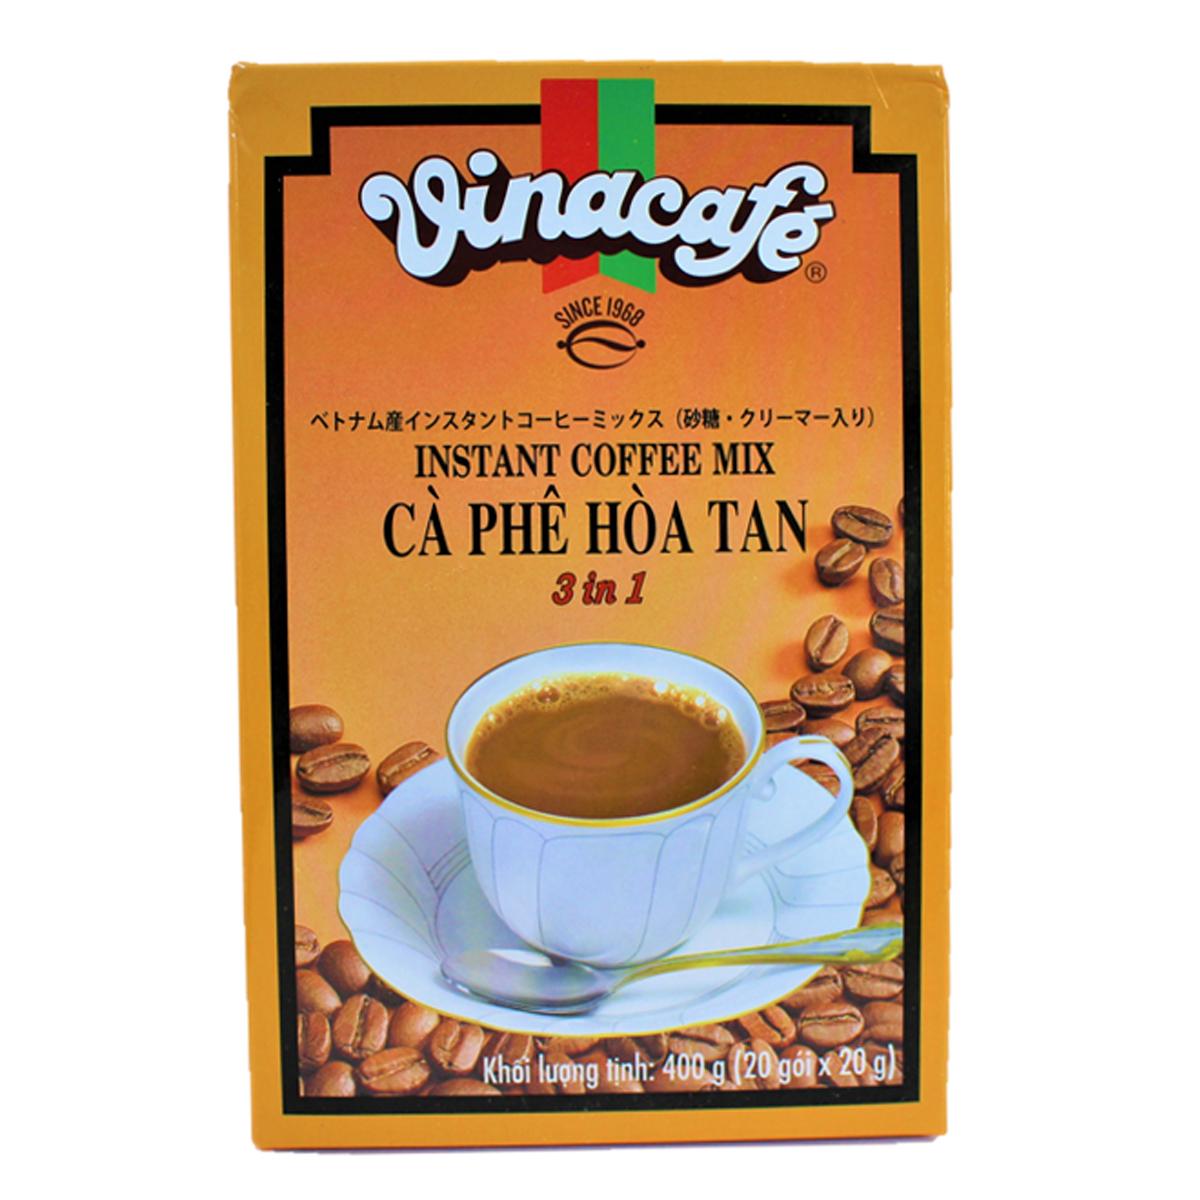 2020秋冬新作 砂糖 クリーマー入りのベトナム産コーヒーミックス インスタントコーヒーミックス 20g×20袋Vinacafe C#193; 公式ショップ PH#200; TAN H?A 食品 3in1 ベトナム 20g#242;i×20g